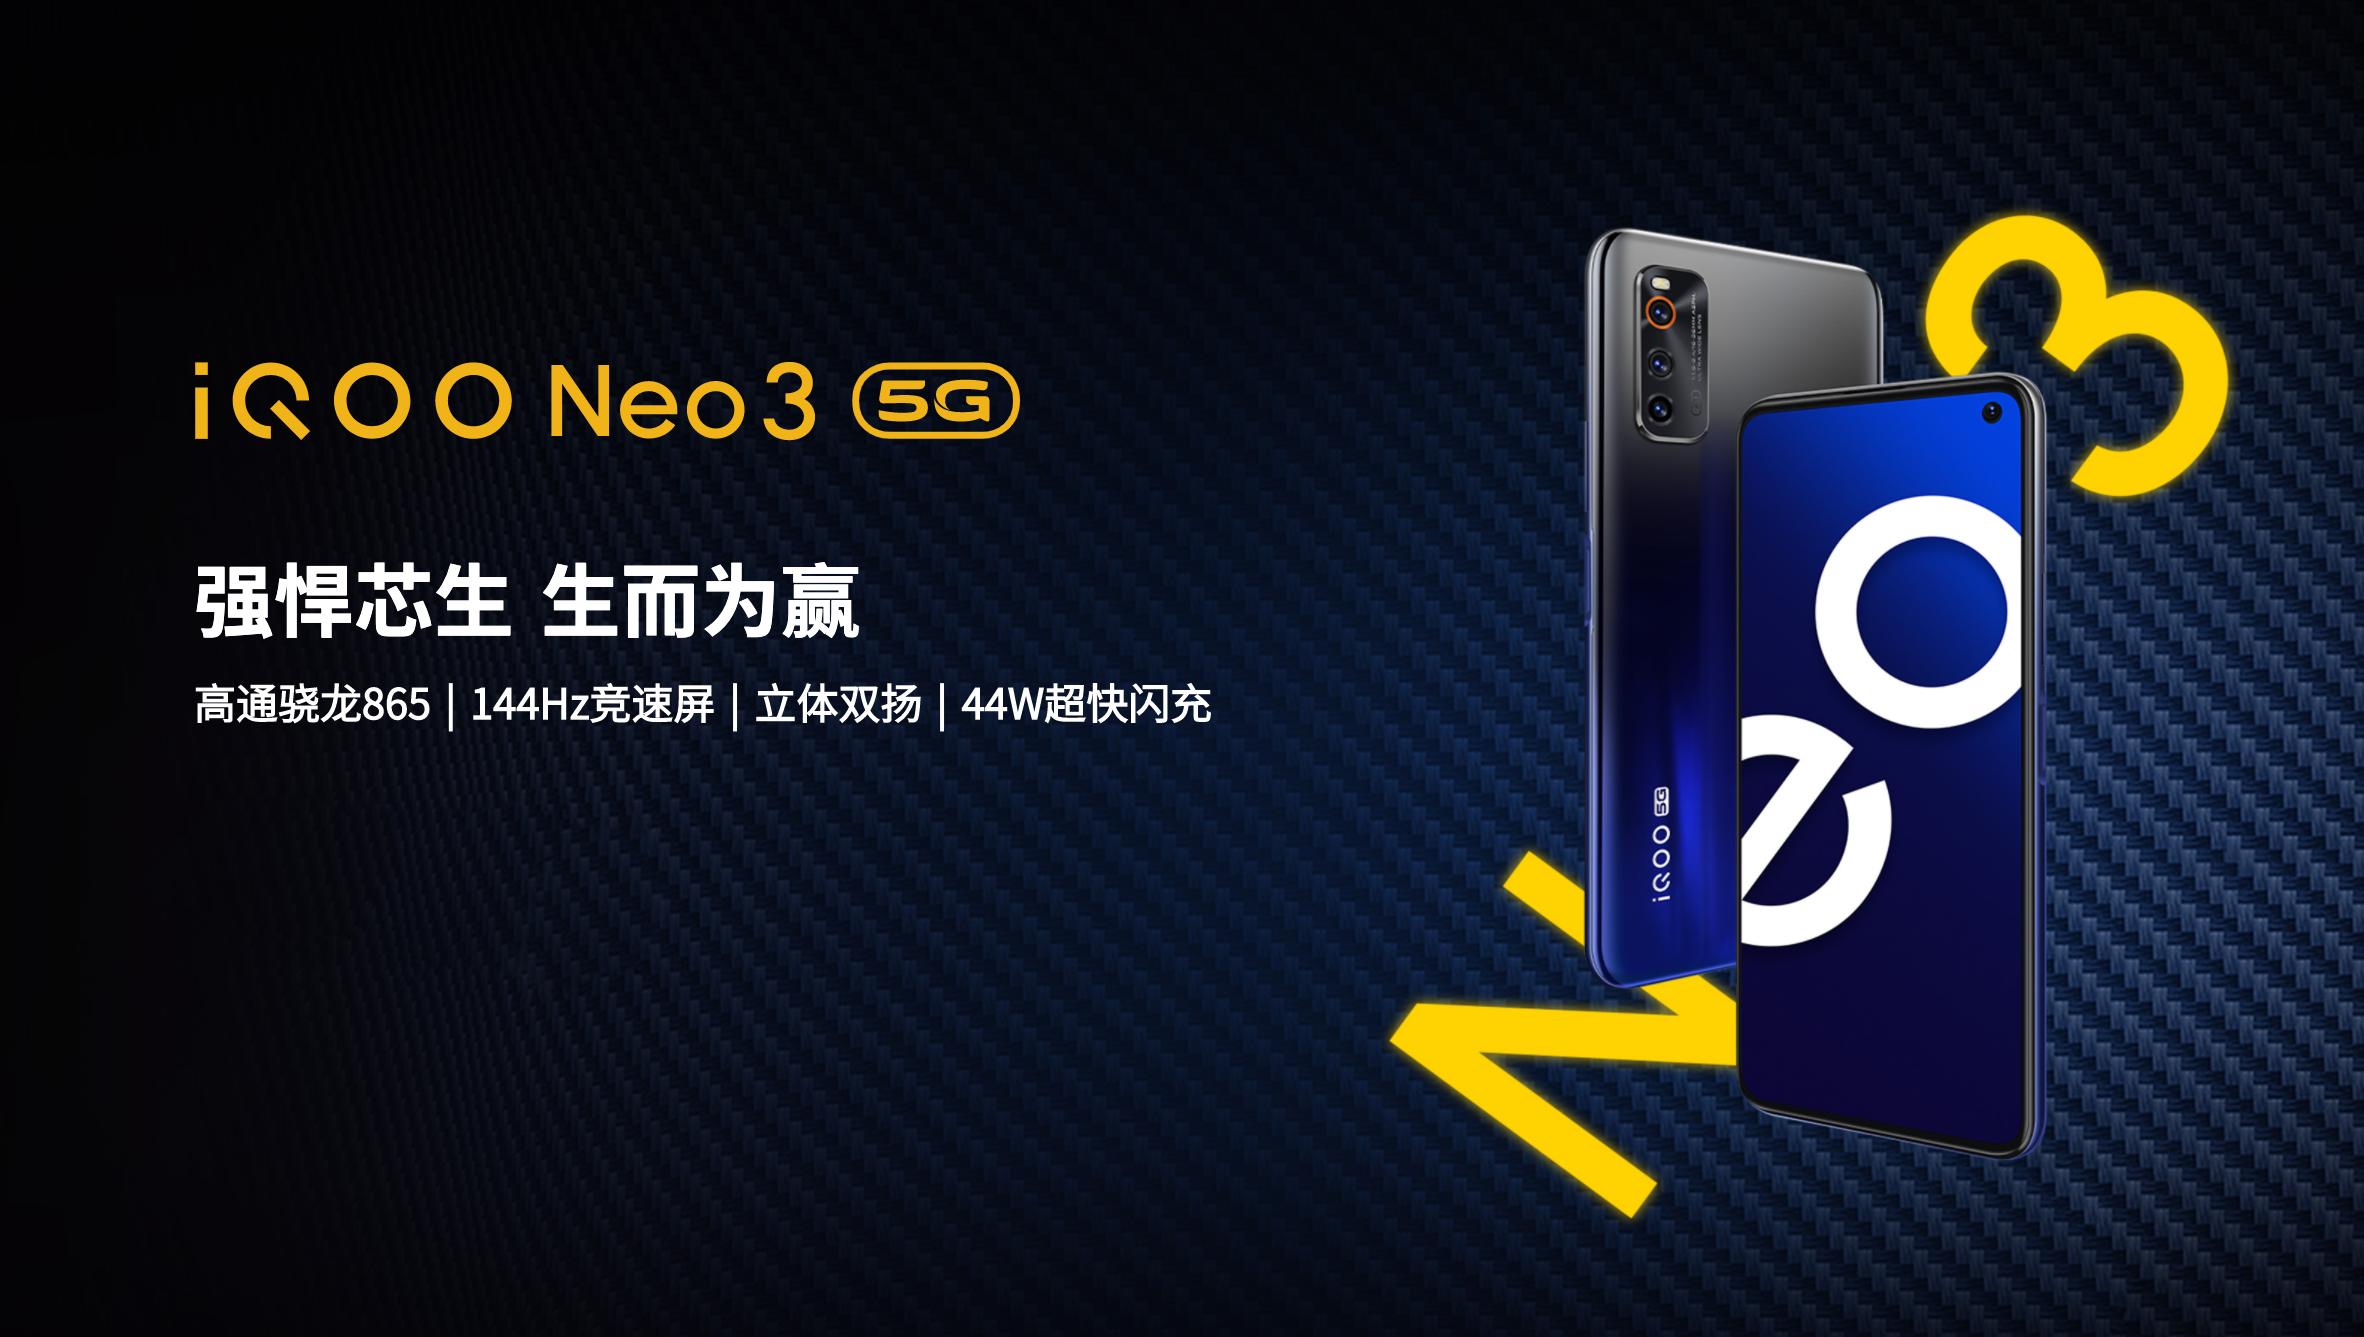 Vivo iQOO Neo3: дисплей на 144 Гц, чип Snapdragon 865, 5G, NFC, Wi-Fi 6, батарея на 4500 мАч с быстрой зарядкой на 44 Вт и ценник от $380